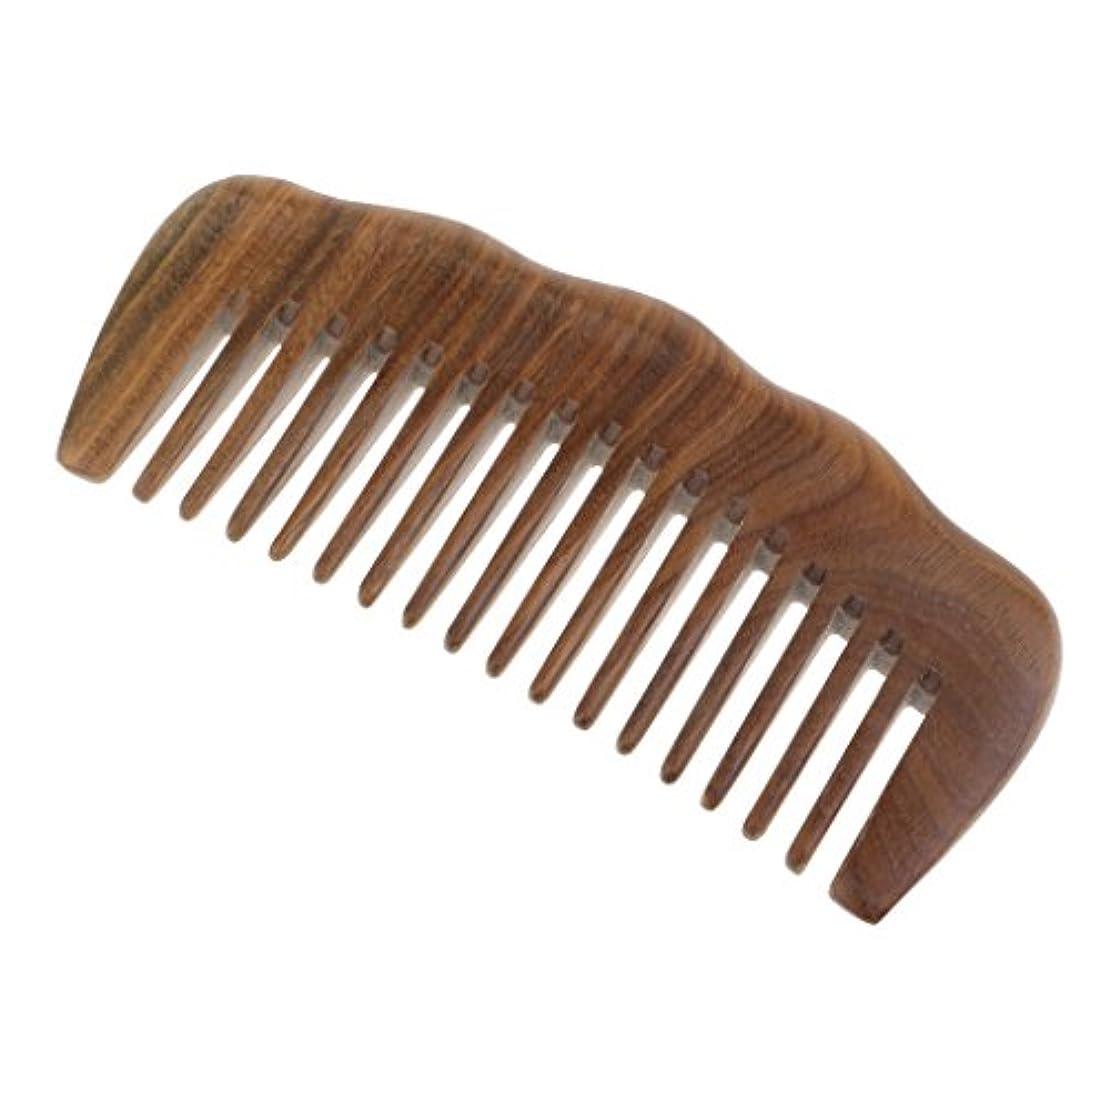 下向きカップ私Toygogo 緑のサンダルウッドの毛の櫛-巻き毛のための広い歯の木製のもつれの櫛-静的な自然な香りの木材の櫛